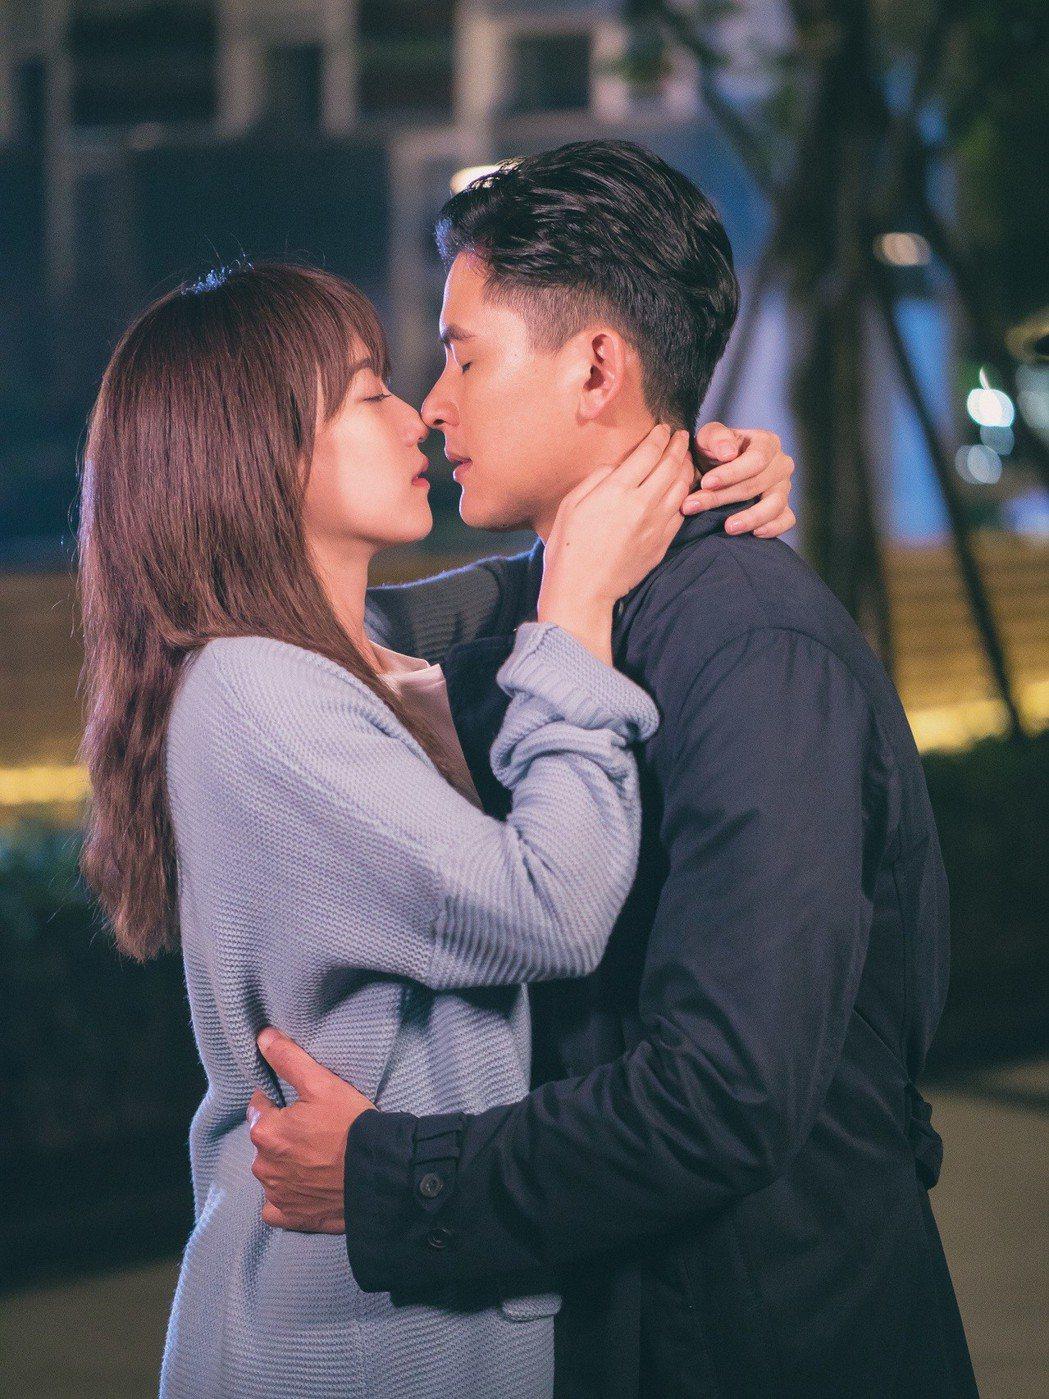 孟耿如(左)與戲裡舊愛Duncan深情擁吻,畫面看來浪漫,拍攝時2 人卻頻頻笑場...